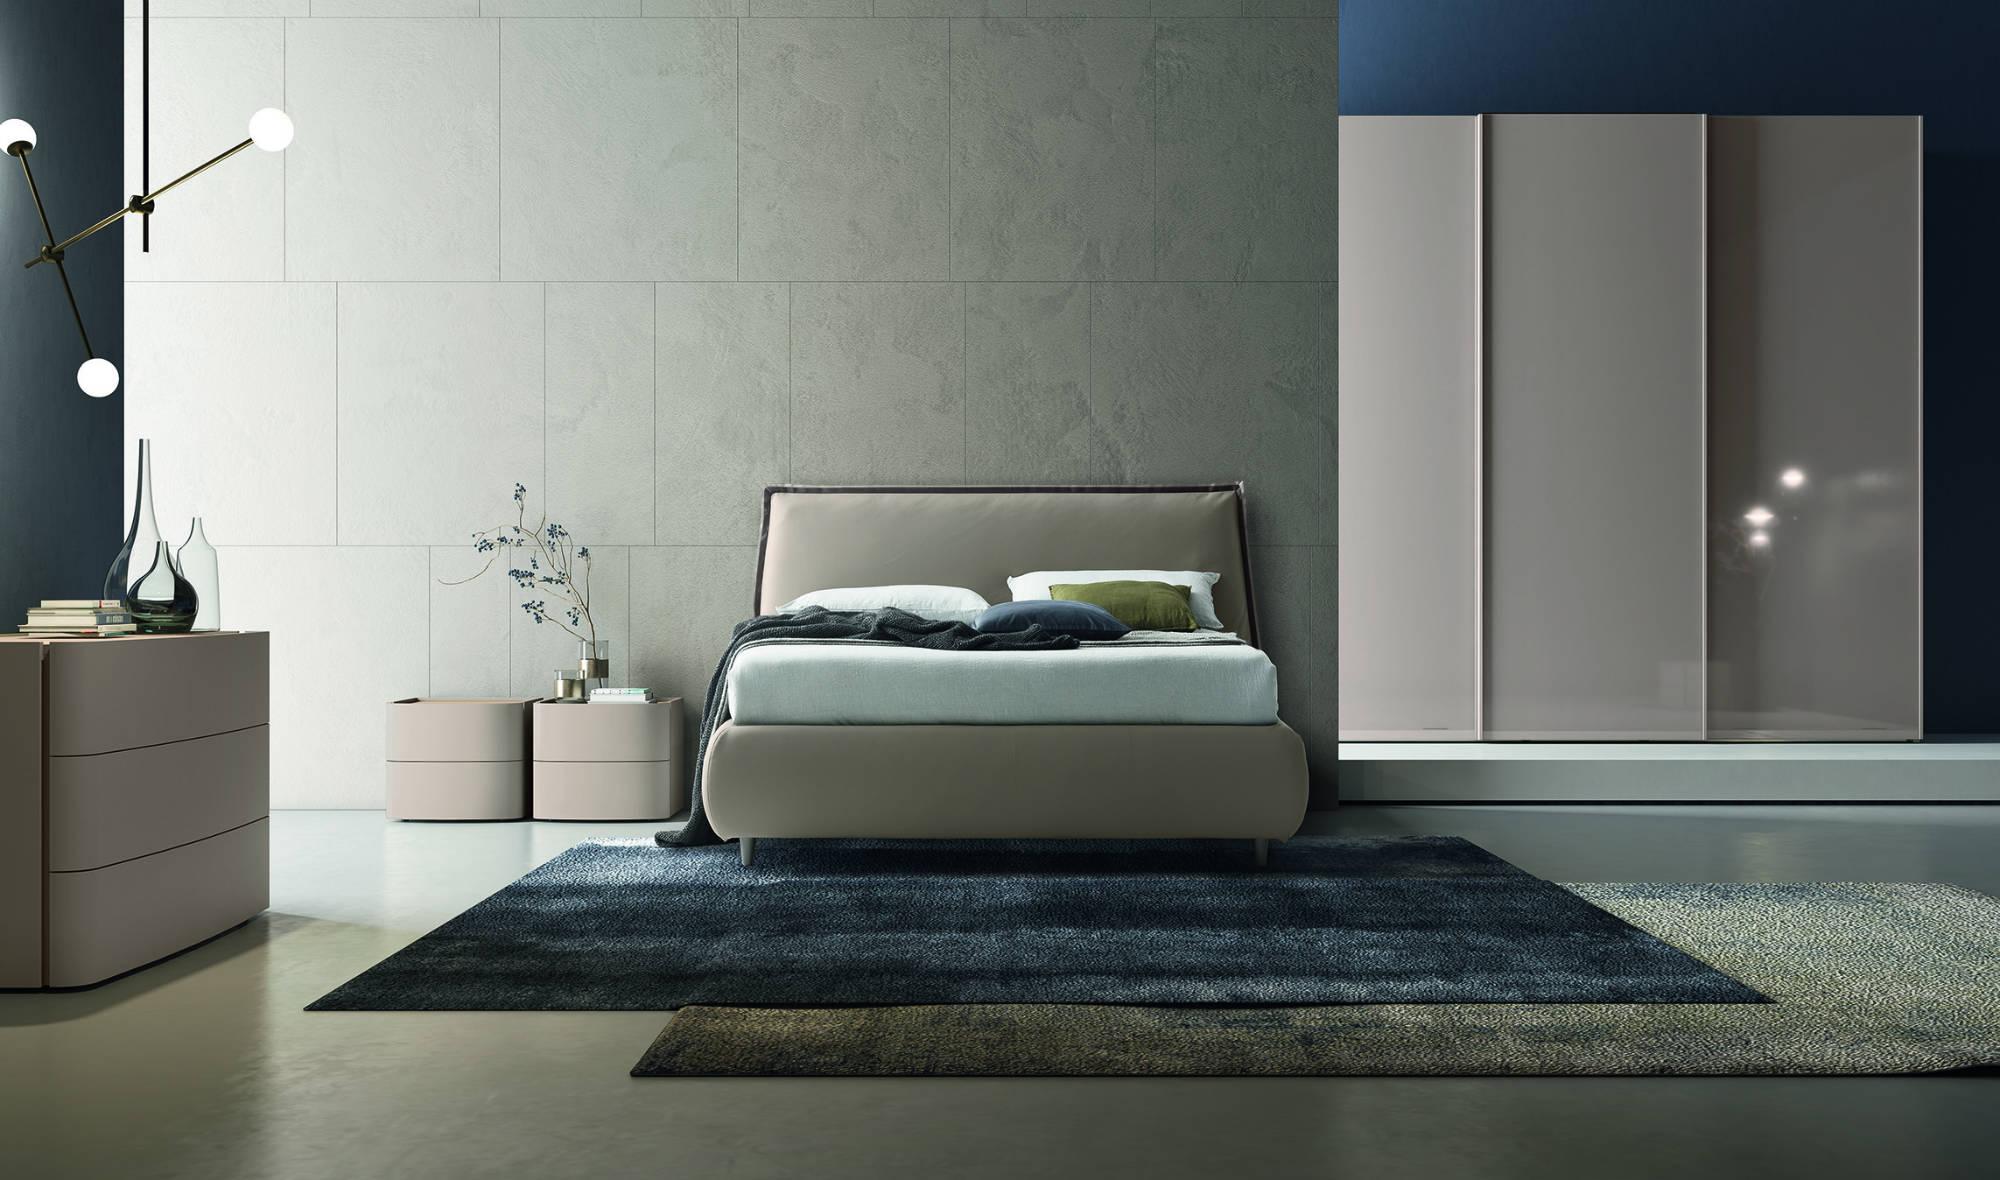 Camere da letto Quarrata  Arredamenti Michelozzi